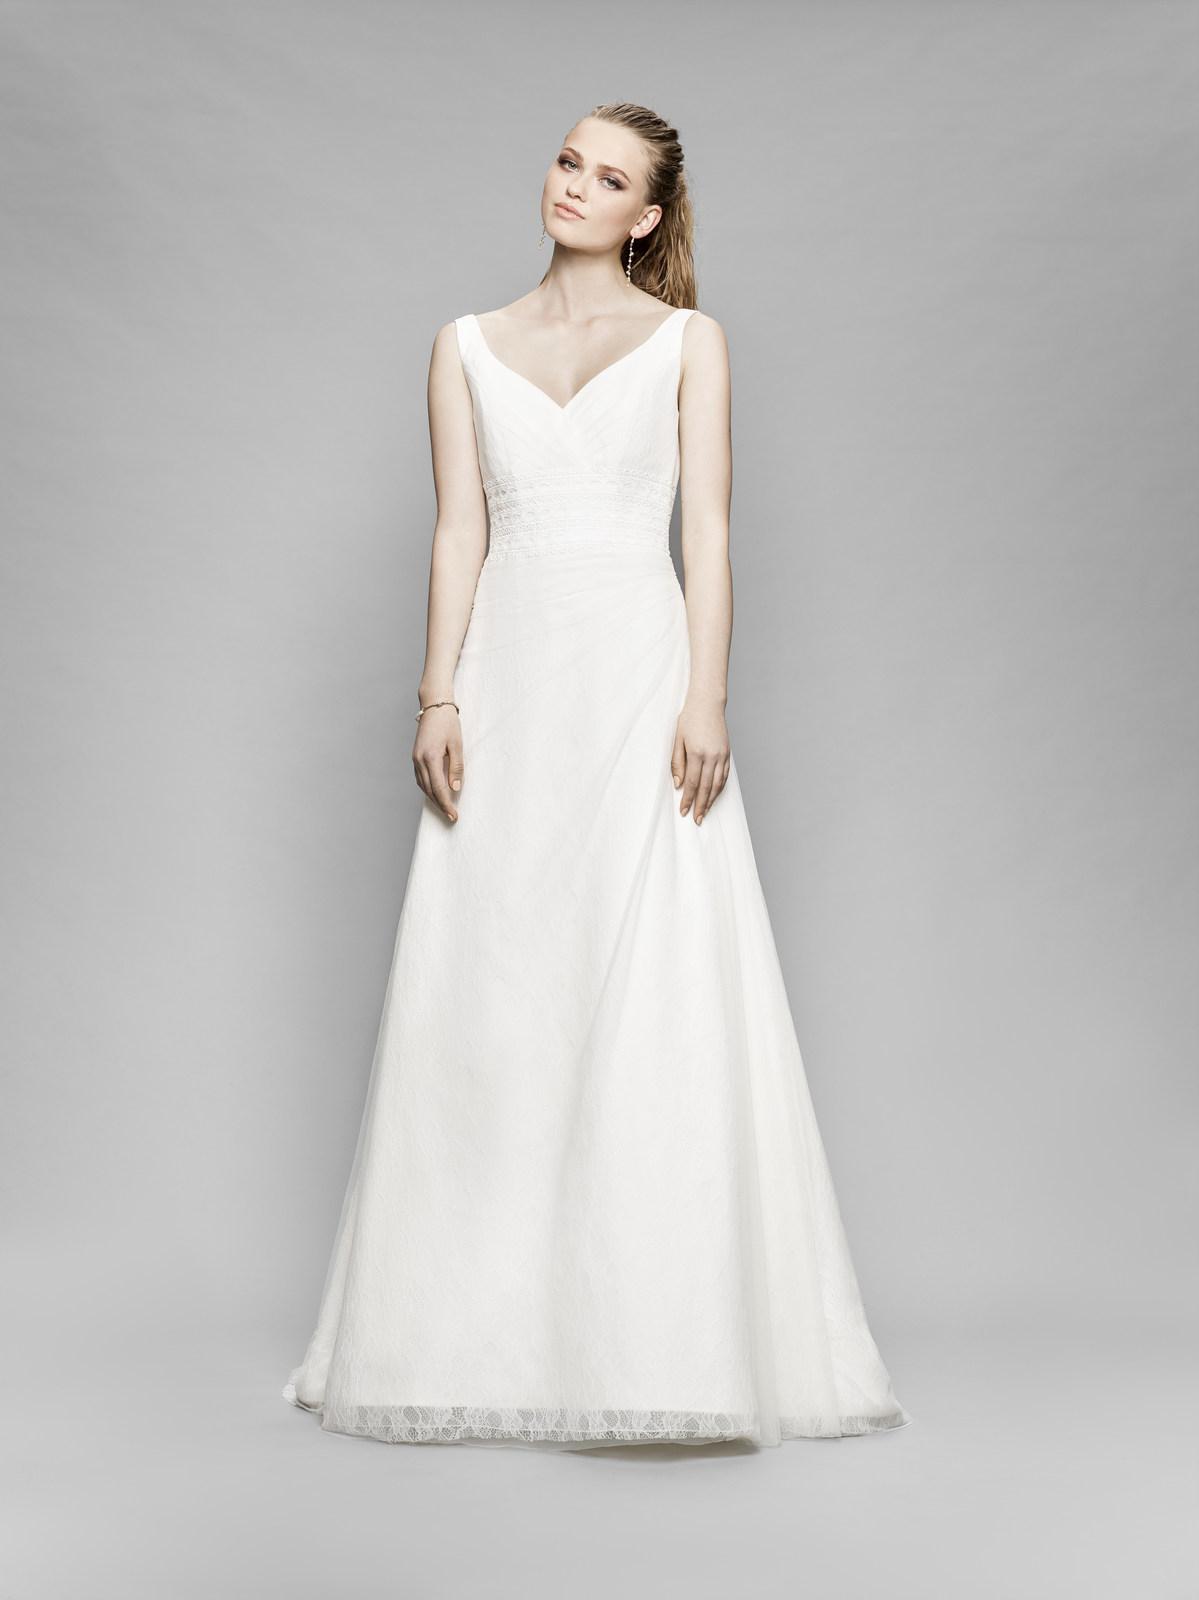 Ausgezeichnet Brautkleid Paket Fotos - Hochzeitskleid Für Braut ...